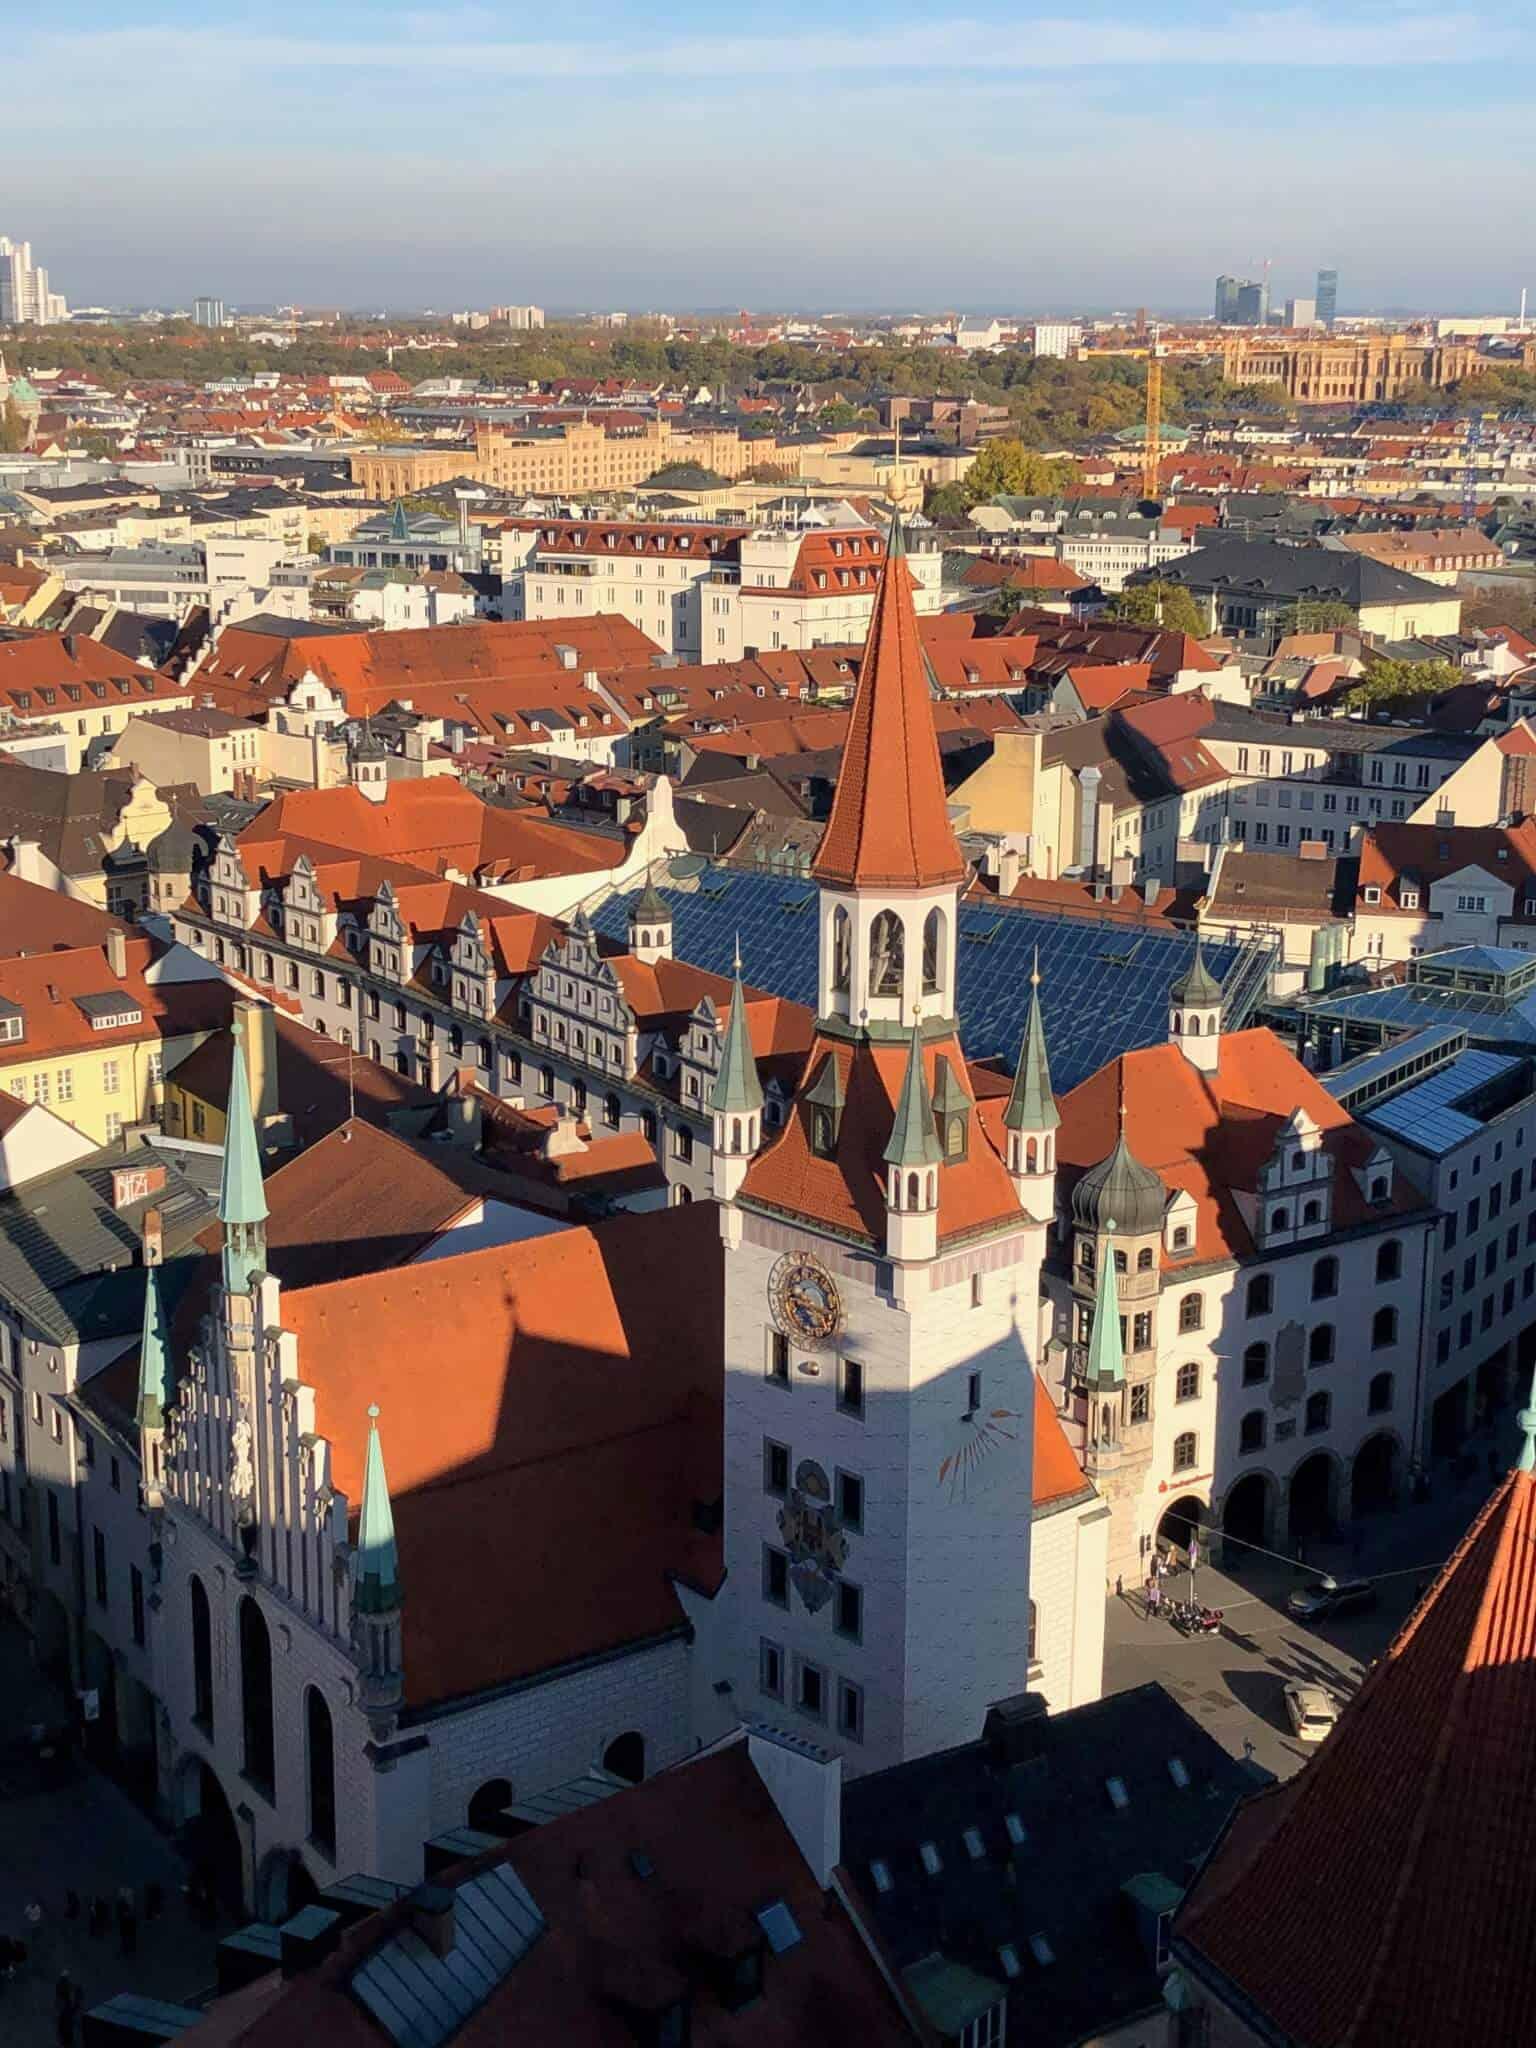 Turm und Häuser von oben